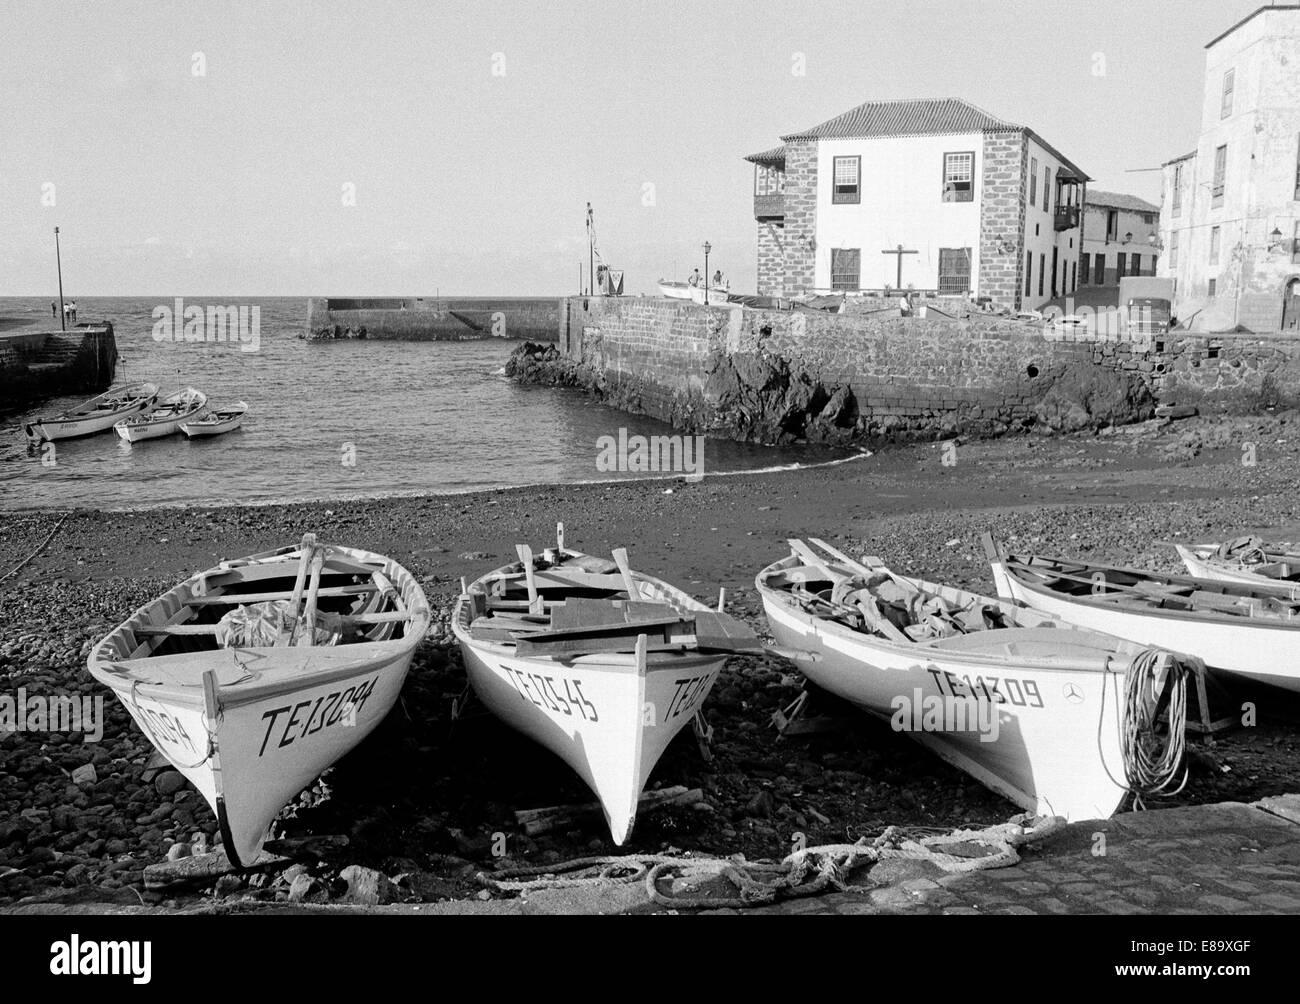 Achtziger Jahre, Fischerboote im Fischereihafen von Puerto de la Cruz, Teneriffa, Kanarische Inseln, Spanien - Stock Image